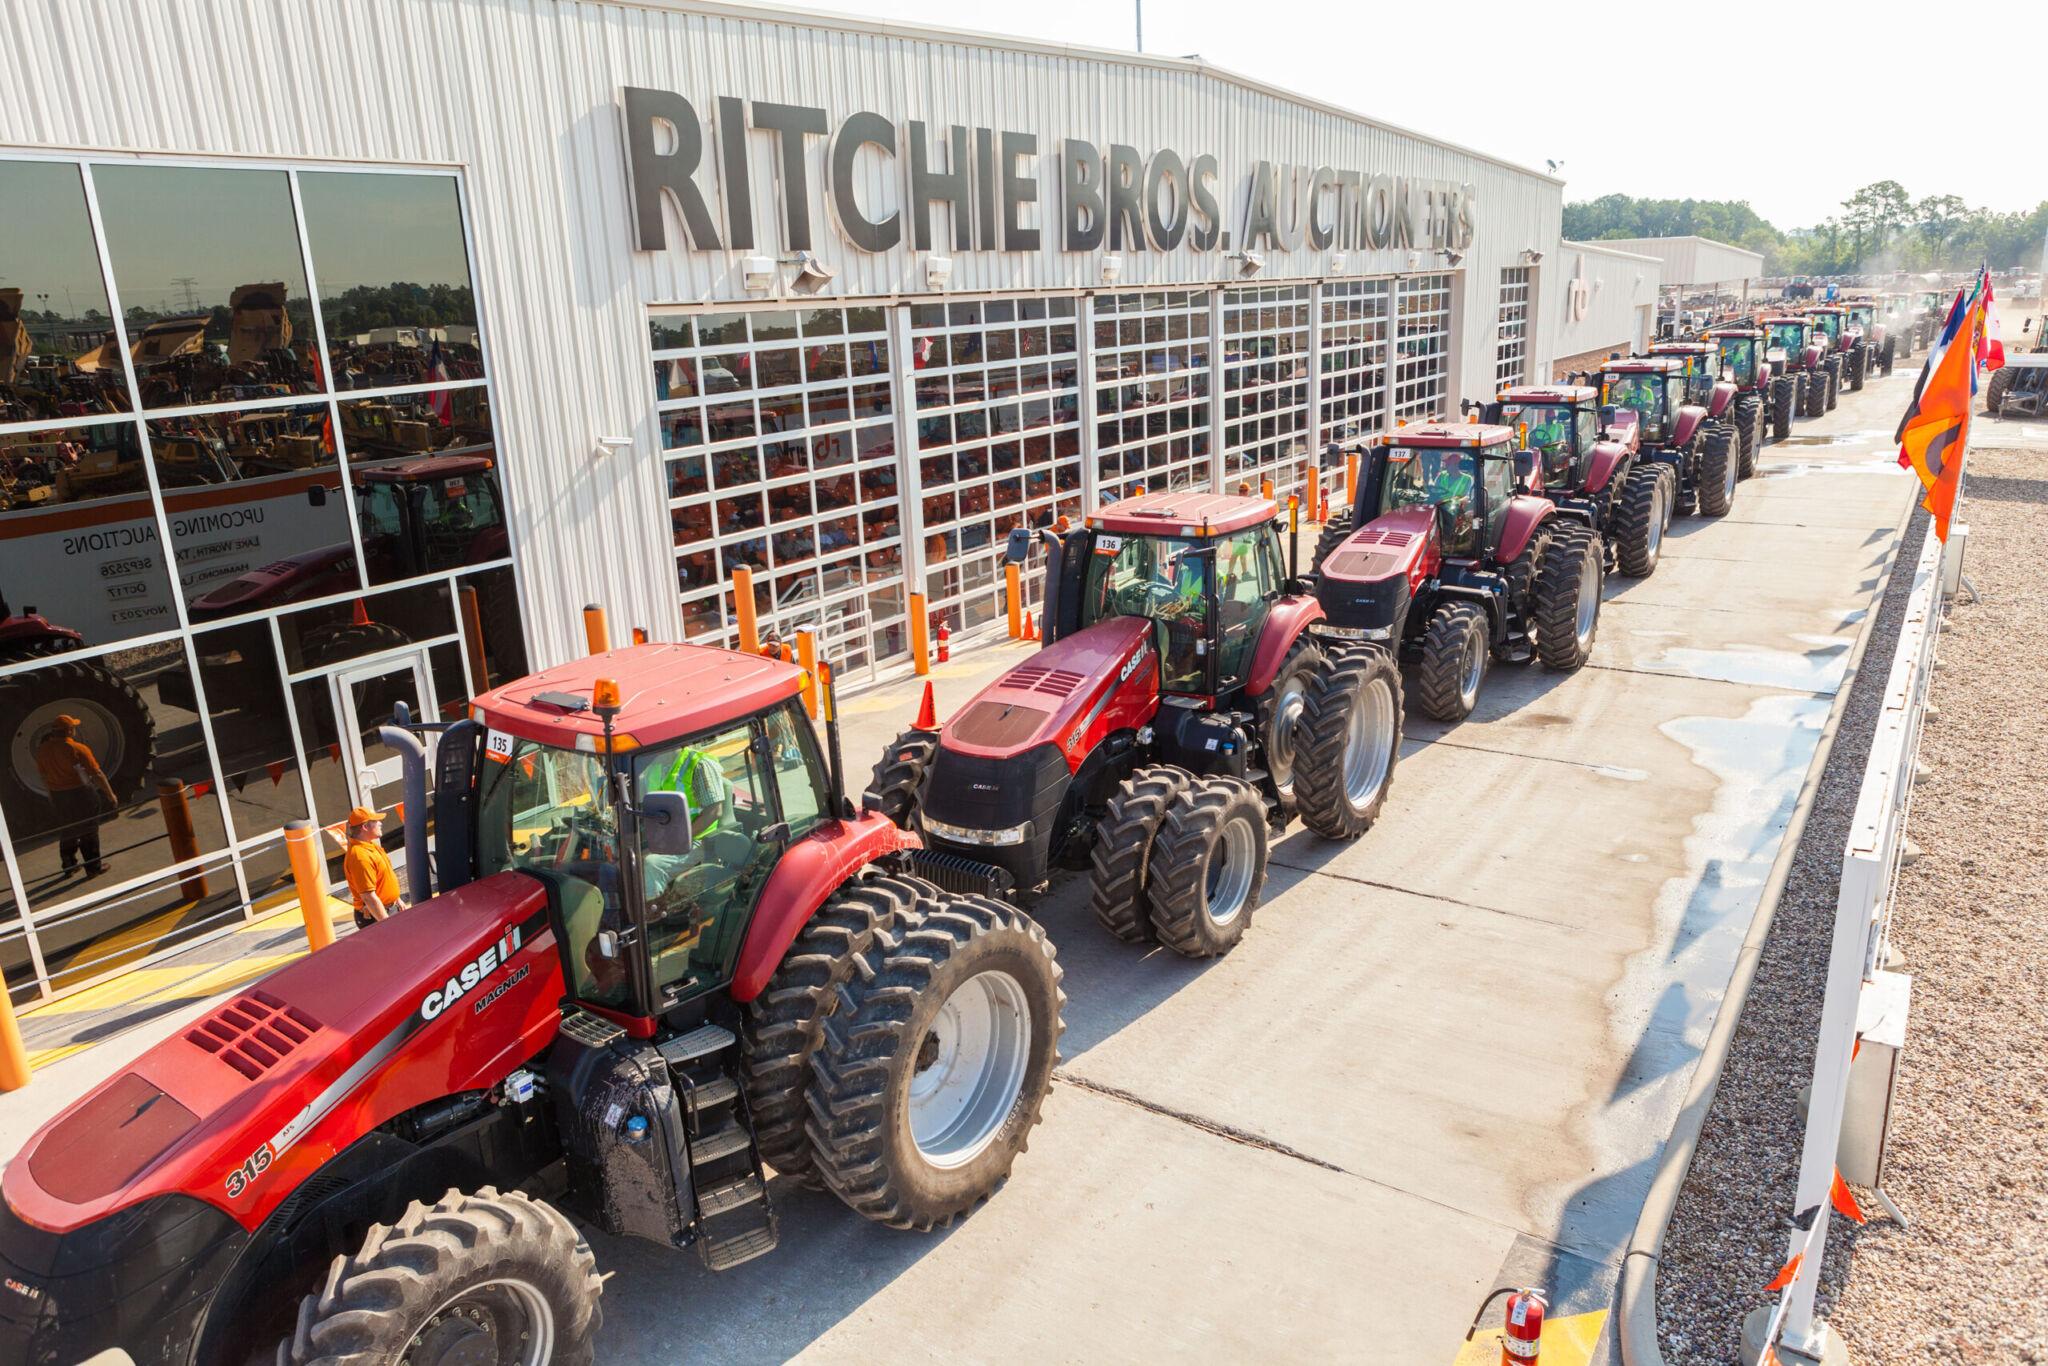 Ritchie Bros. Auktion |copyright: Ritchie Bros.